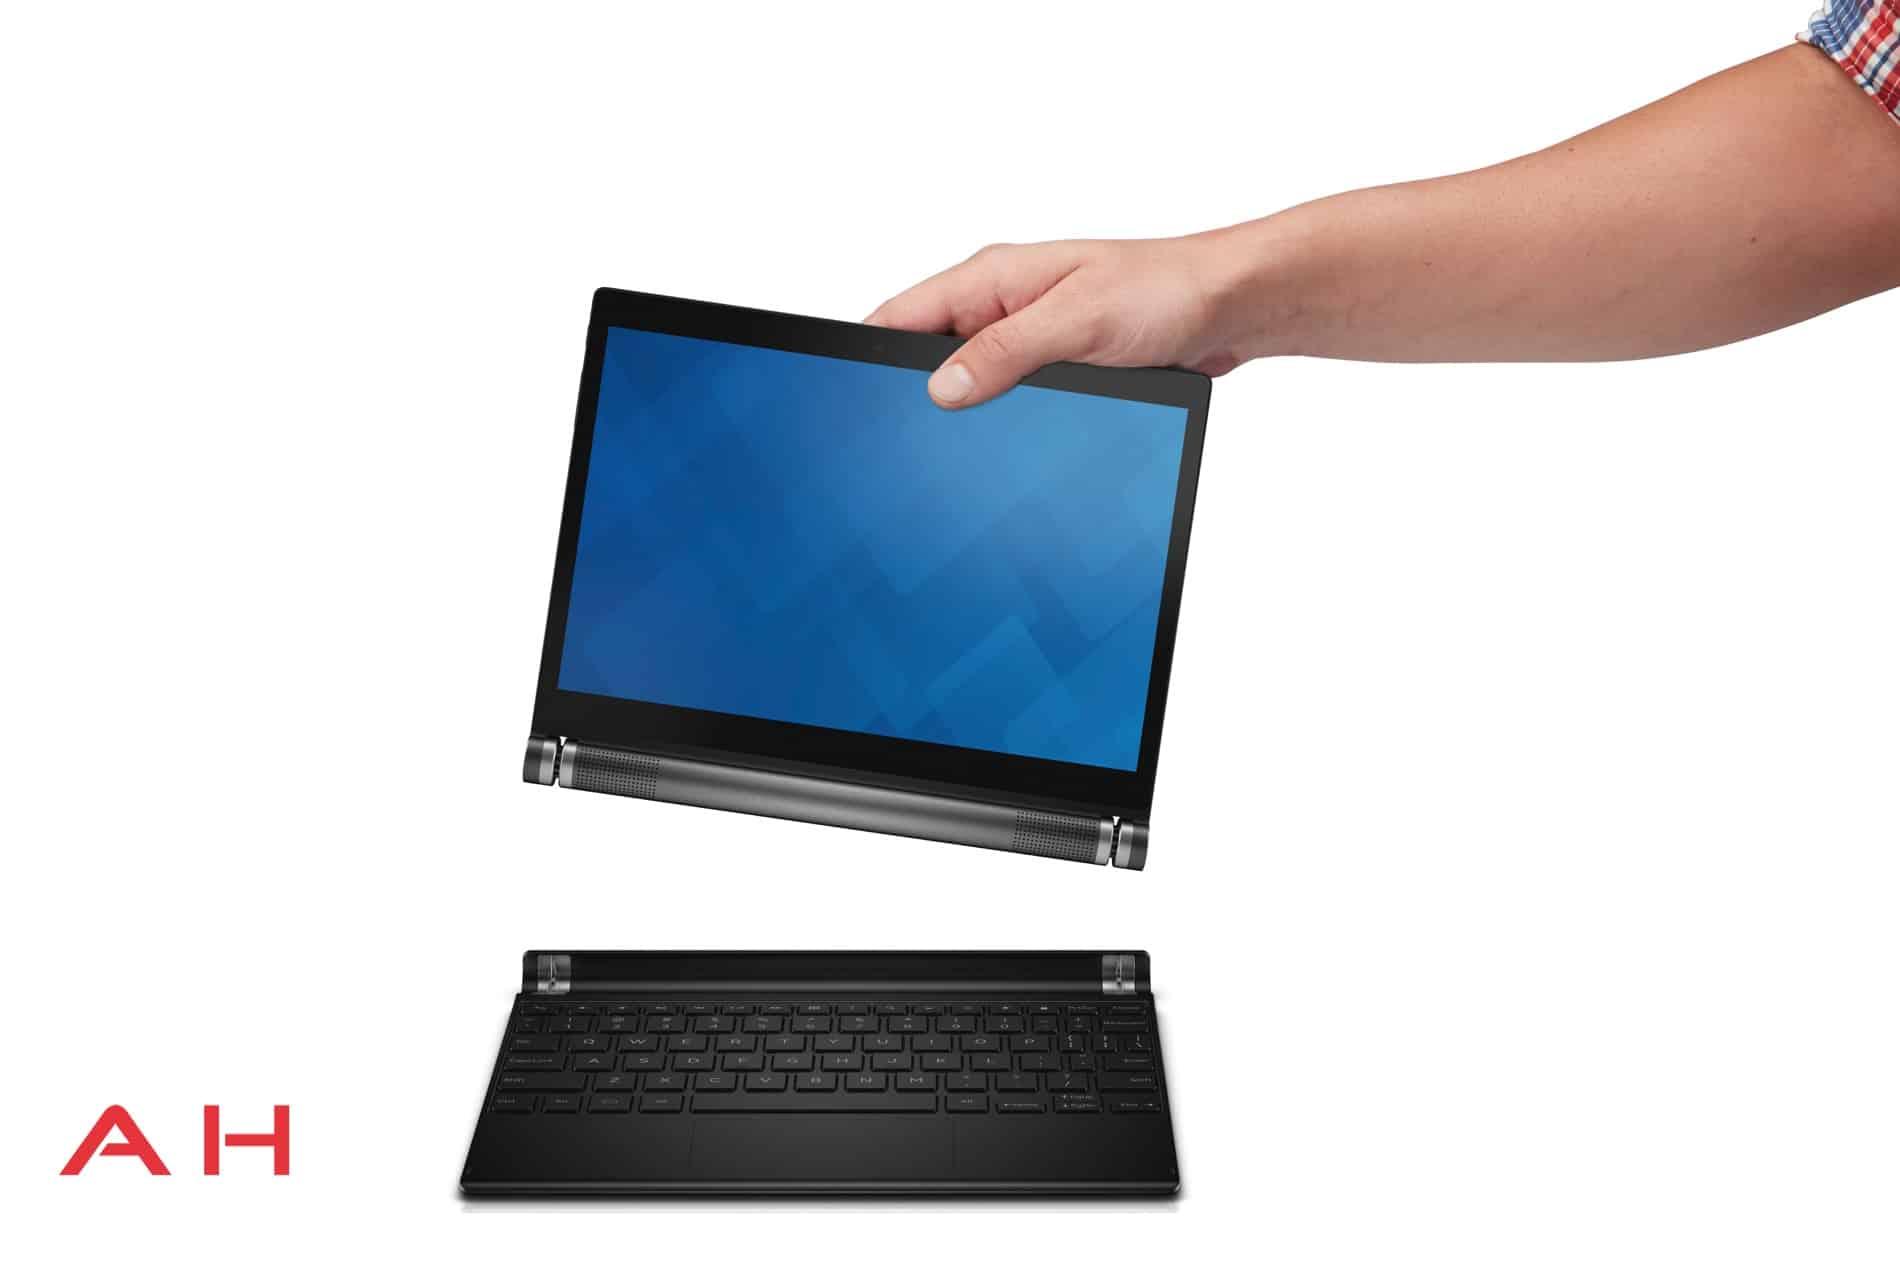 Dell Venue 10 AH 18